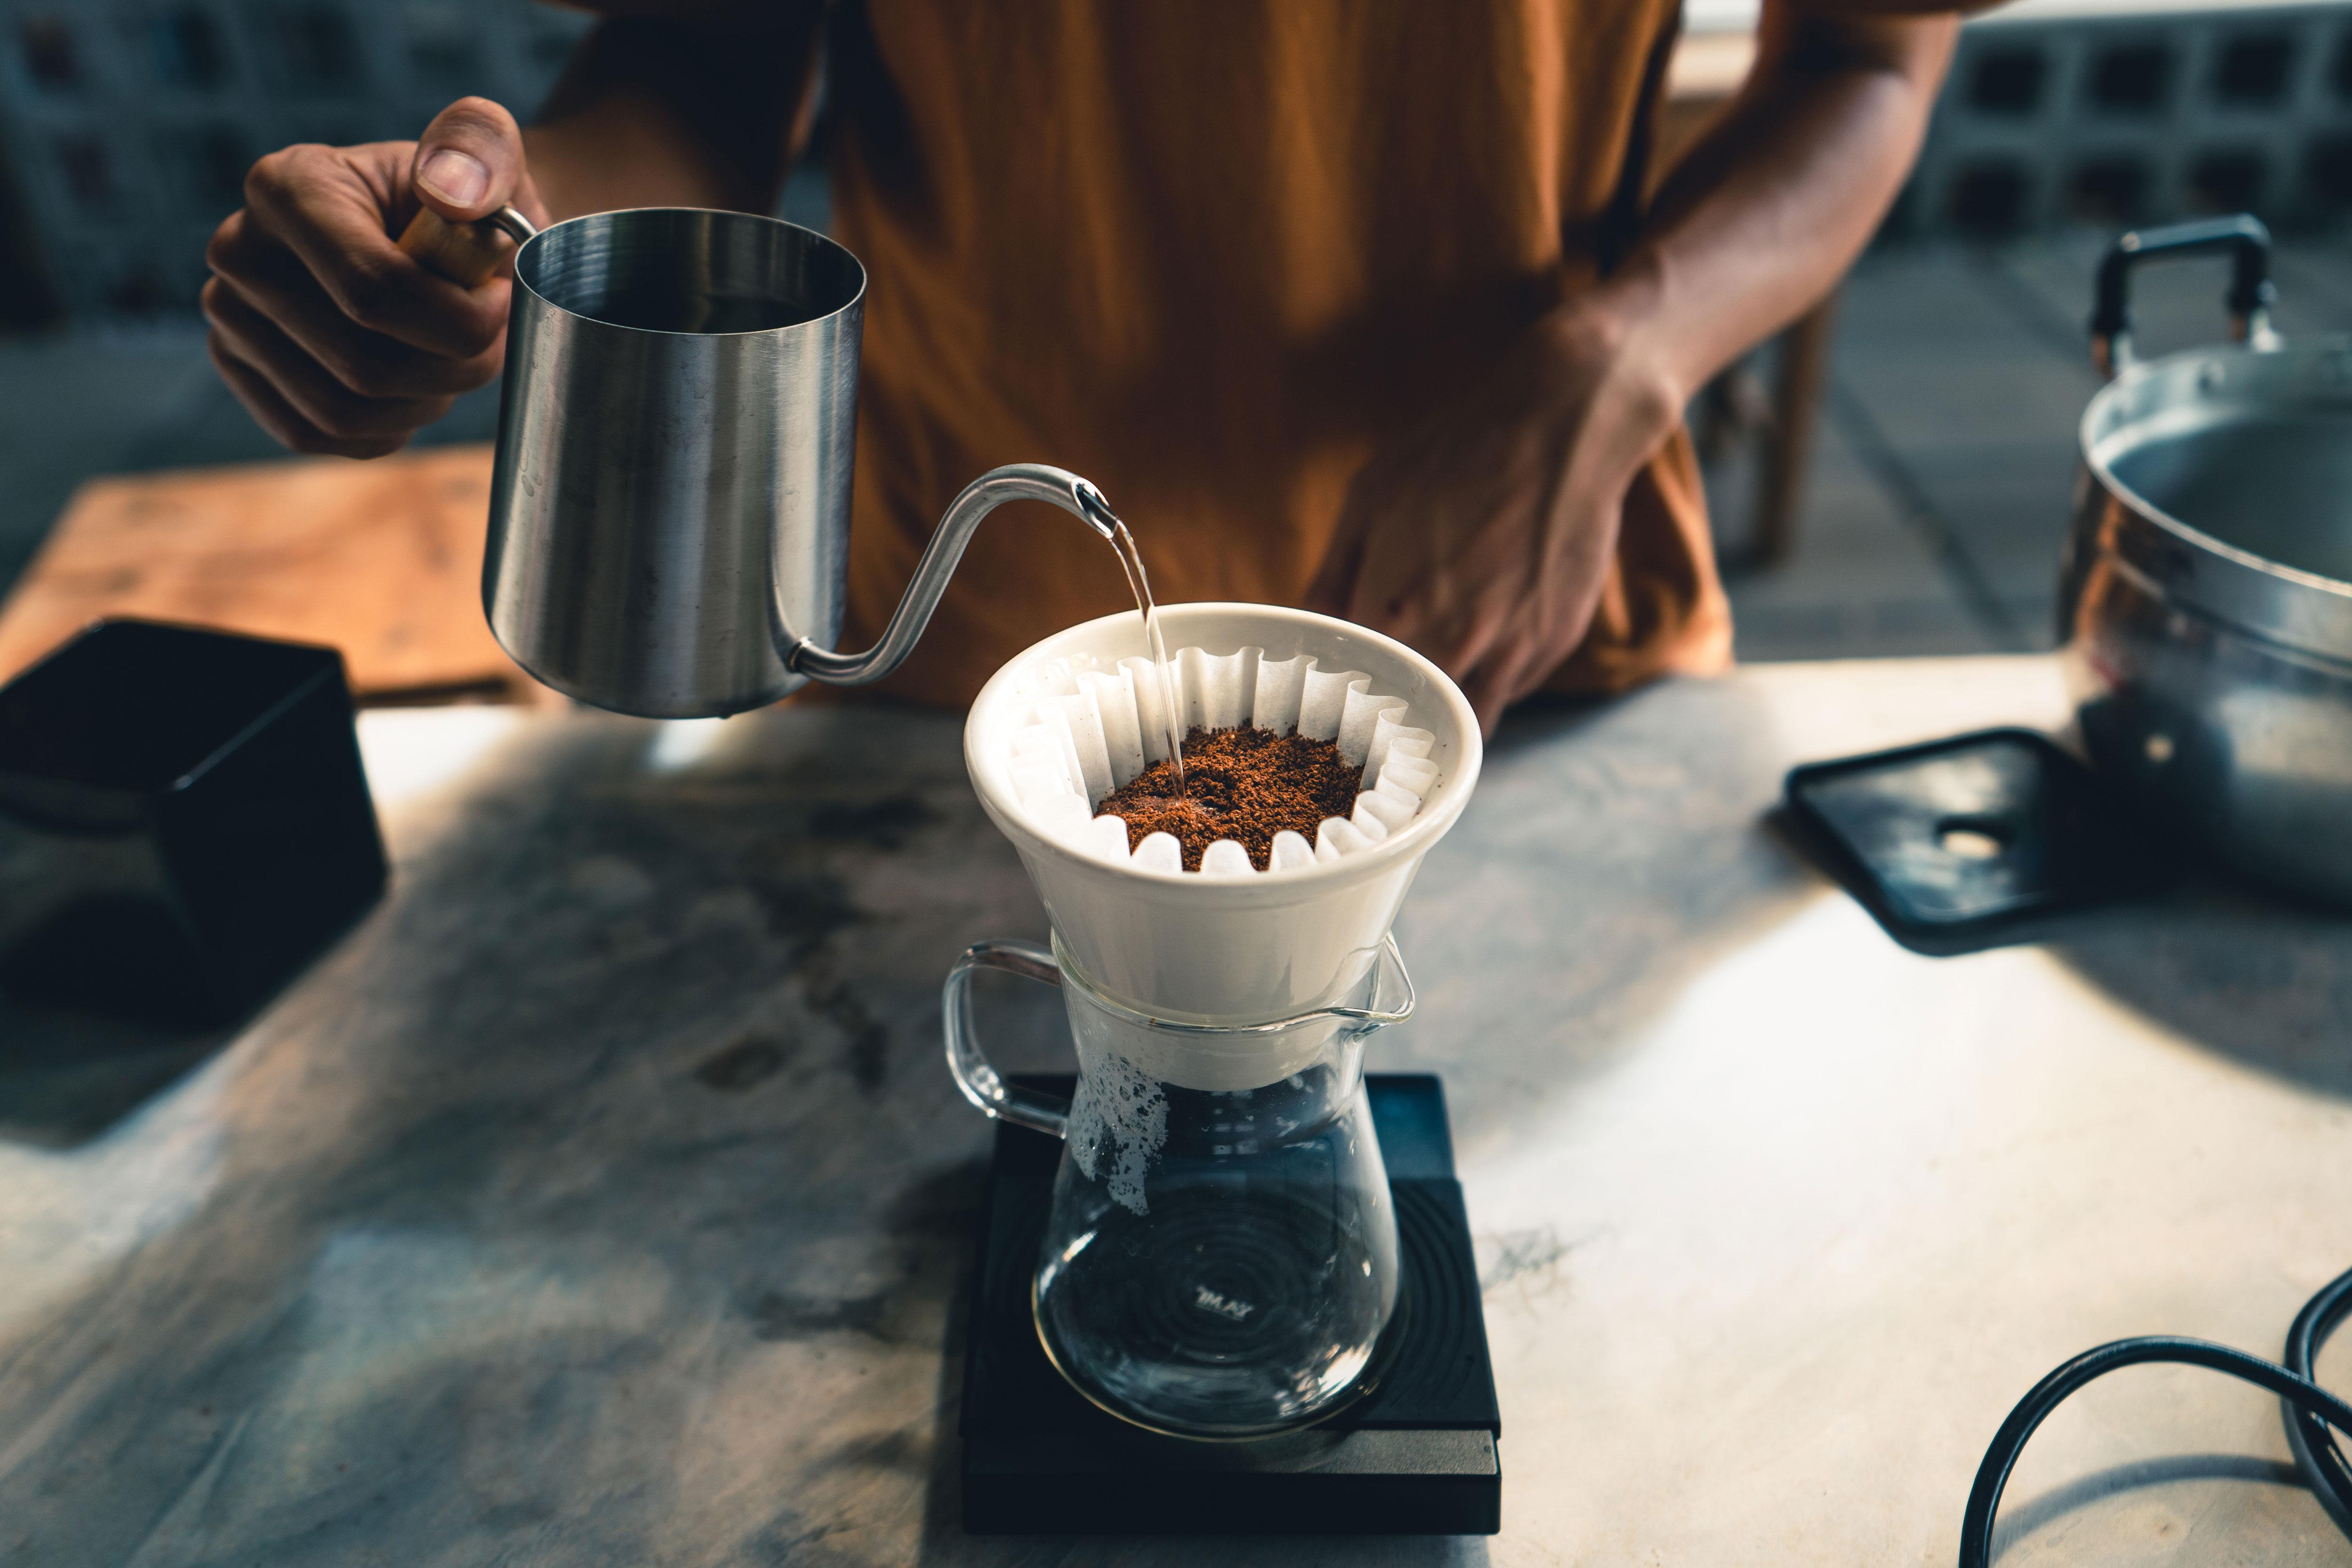 Verter el café en el filtro